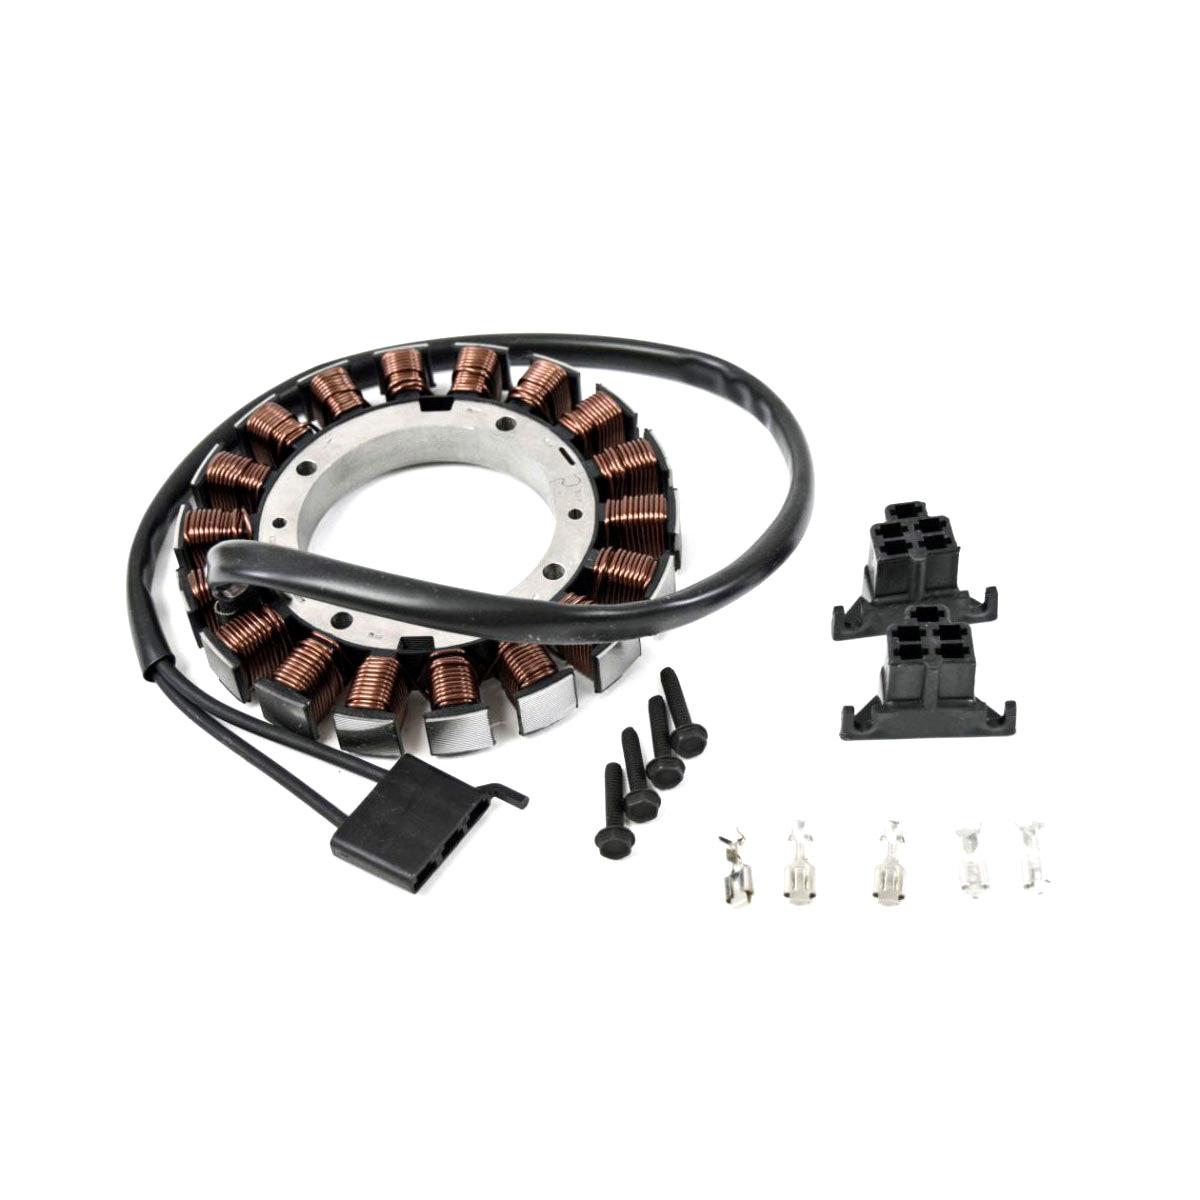 Kohler 25 Amp Stator Assembly  Kit 28 085 02-S | Power Mower Sales